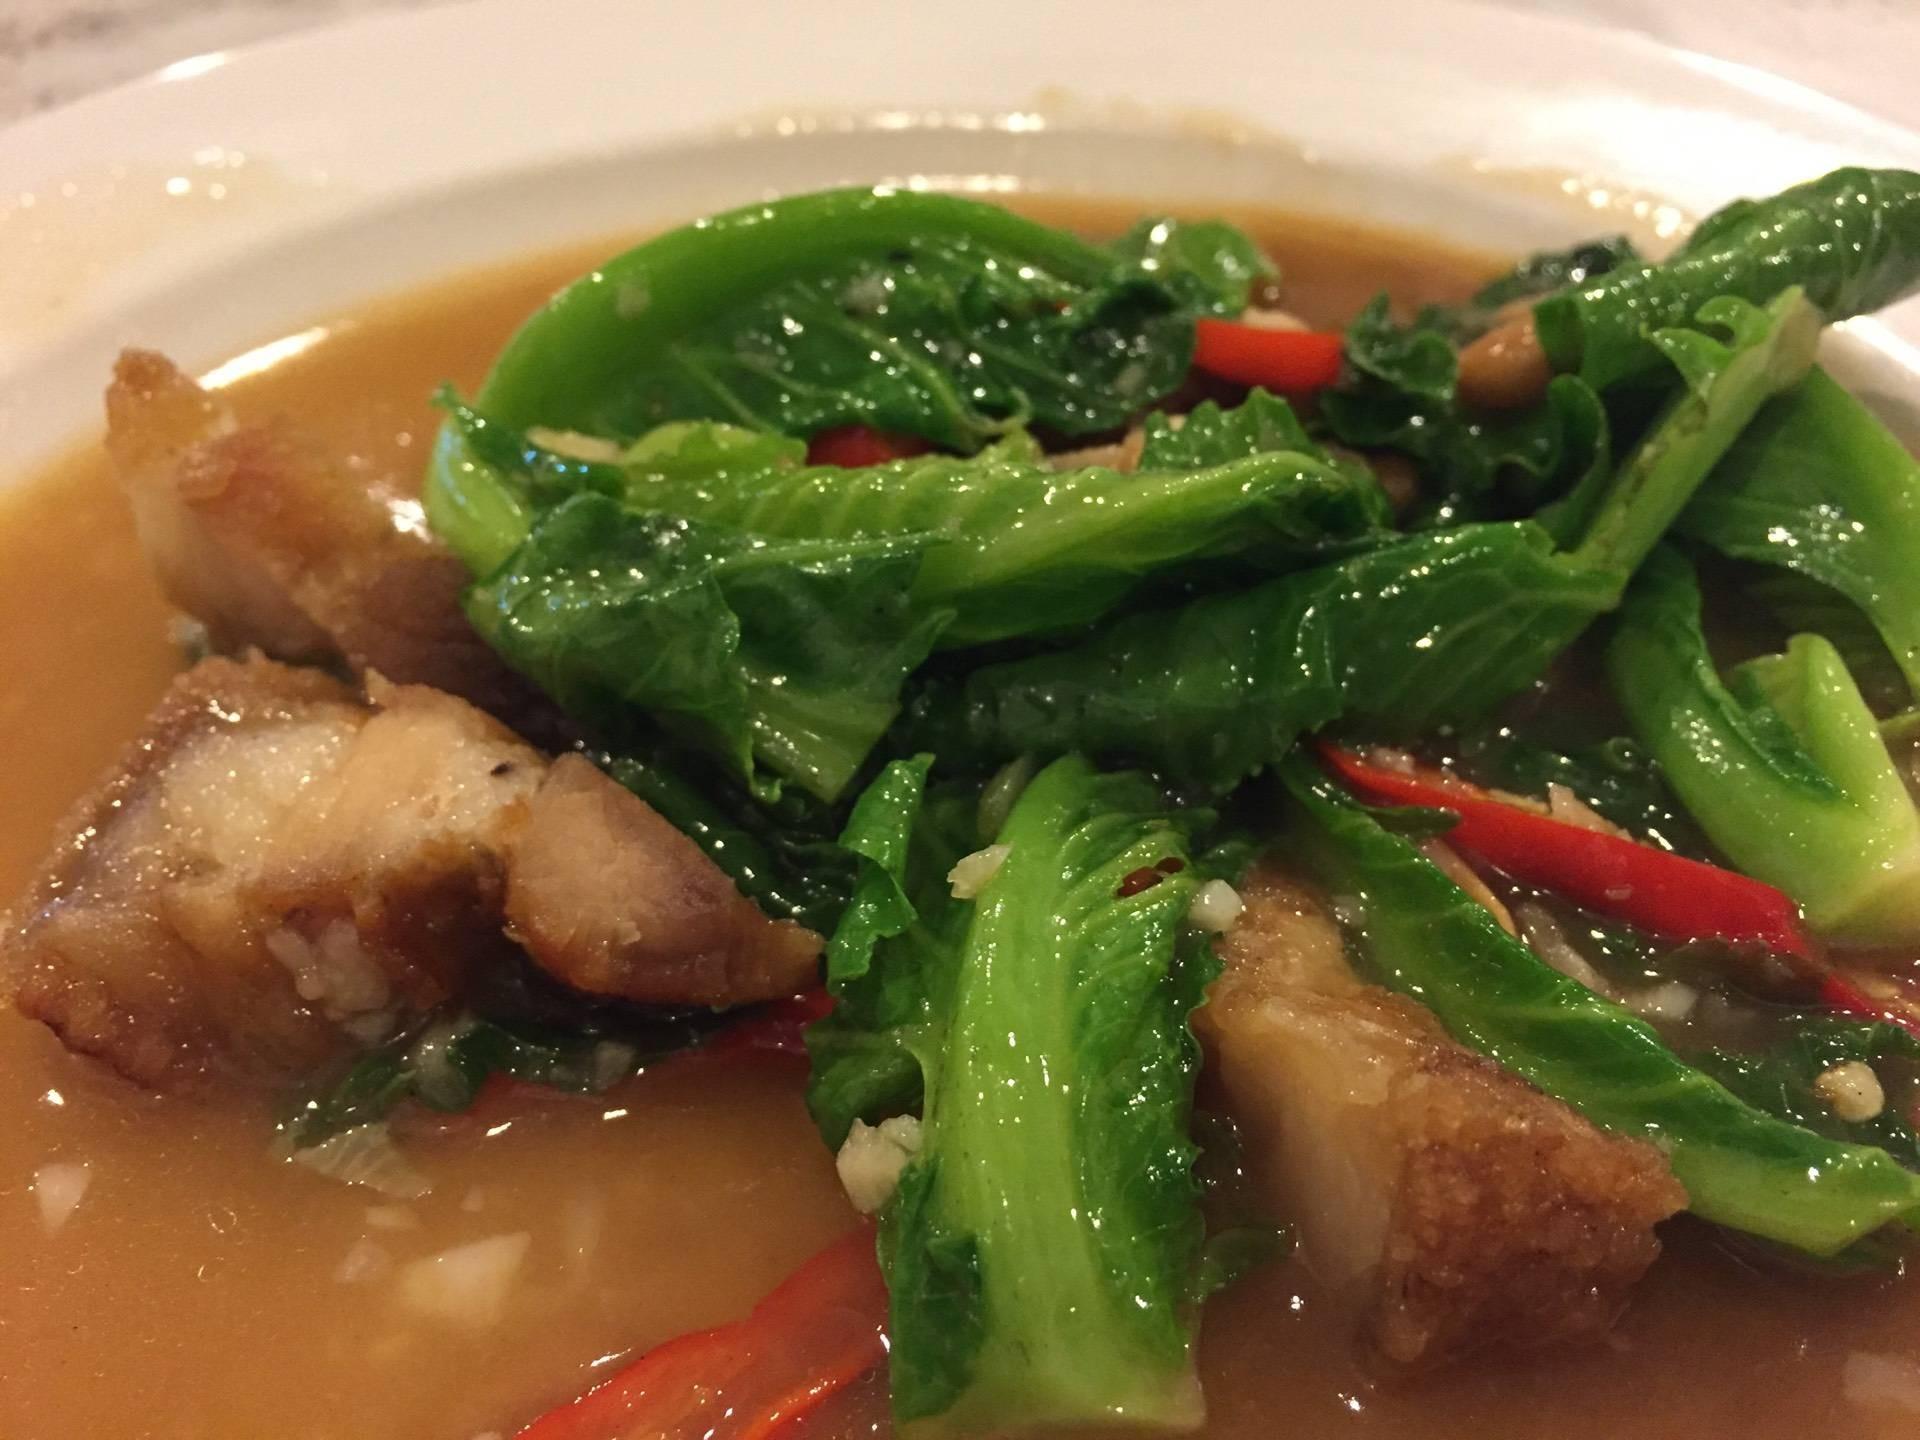 ข้าวต้มปลา เกาะสีชัง (ป้าเตี้ย เจ้าแรกดั้งเดิม)